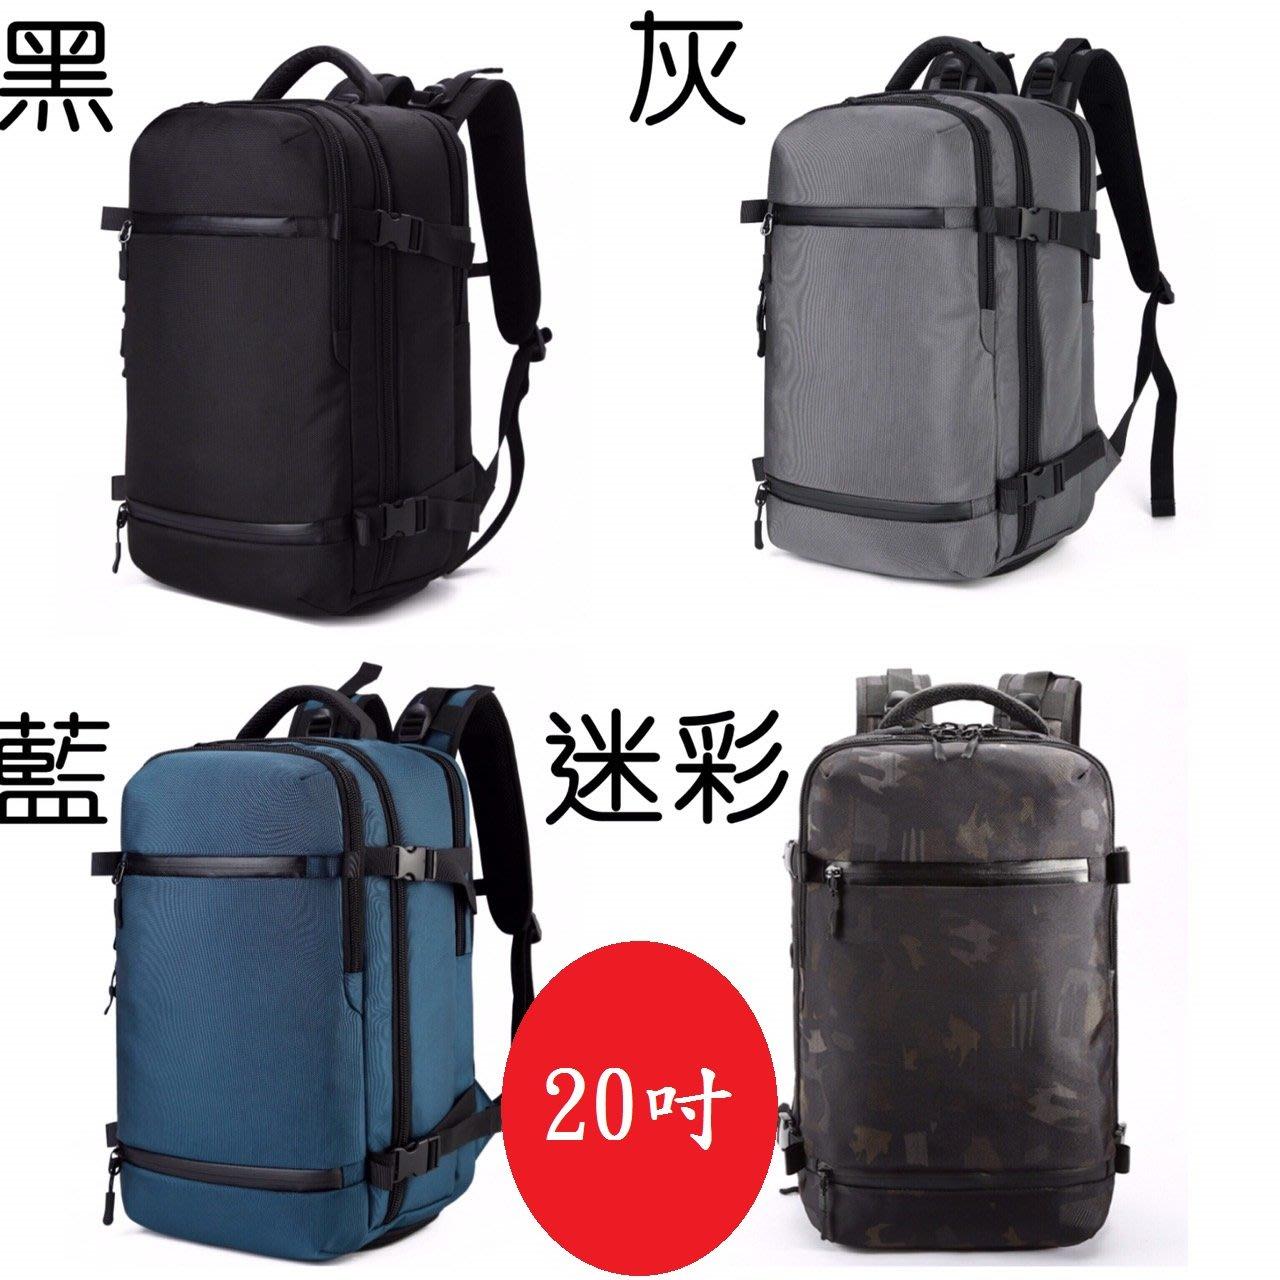 免運費OZUKO 後背包 20吋大容量背包  旅行背包USB多功能防盜後背包 送防雨罩 防盜包 防水 防塵 獨立鞋雙肩包